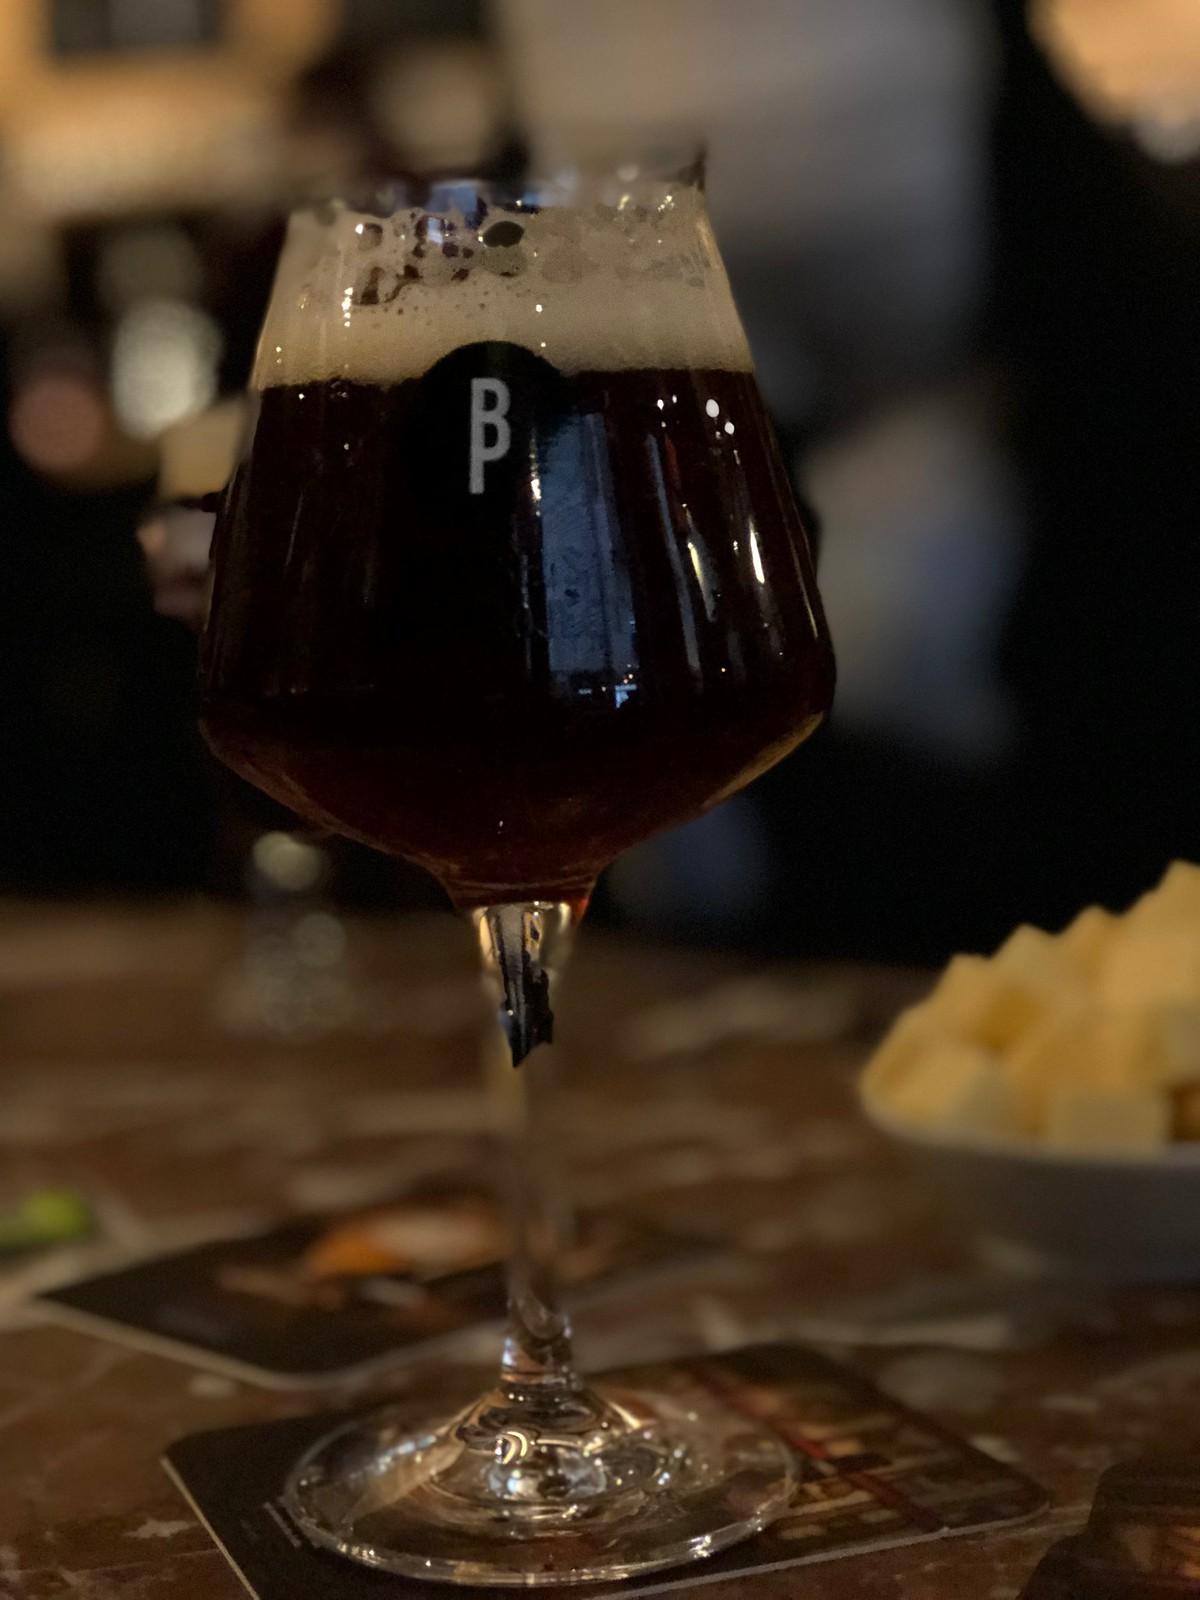 ¡Tenían una carta de cervezas artesanales extensísima! Este tipo de vaso se llama teku y según los expertos es perfecto para el análisis sensorial porque facilita los aromas y retiene la espuma